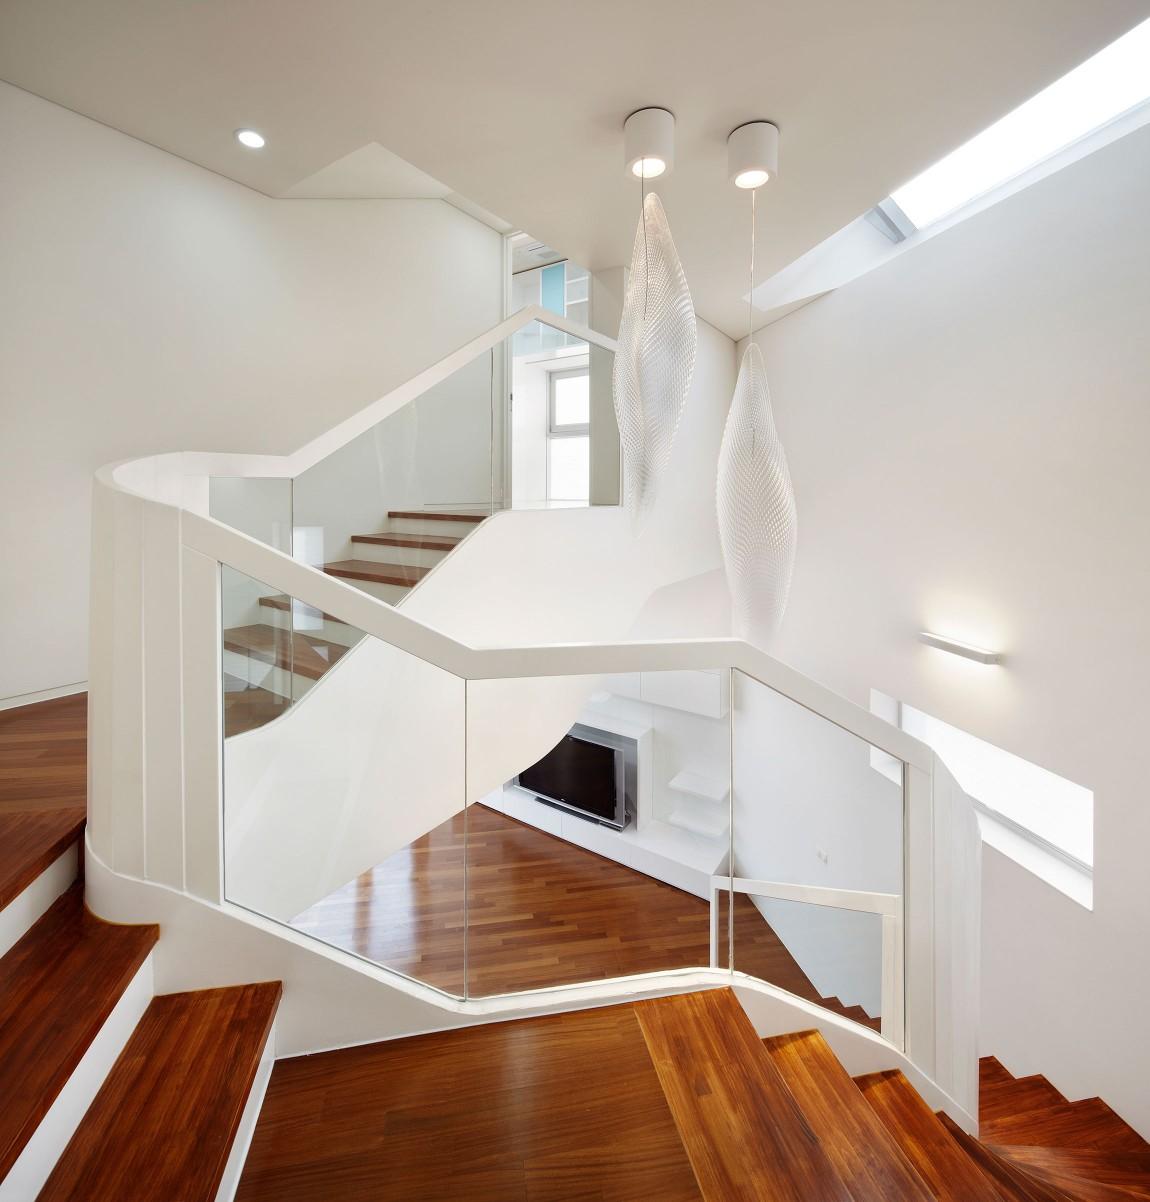 Деревянная лестница в интерьере - Фото 43